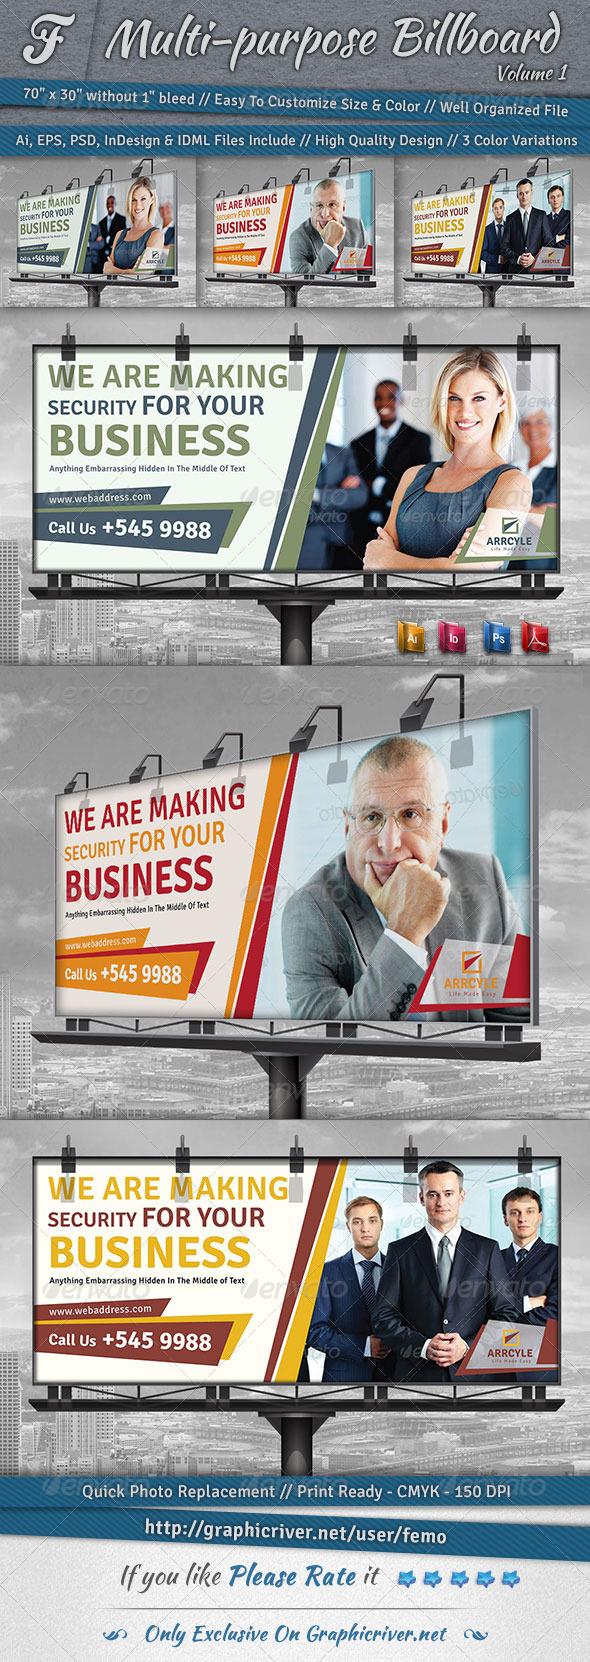 GraphicRiver Multi-Purpose Billboard Volume 1 6891876